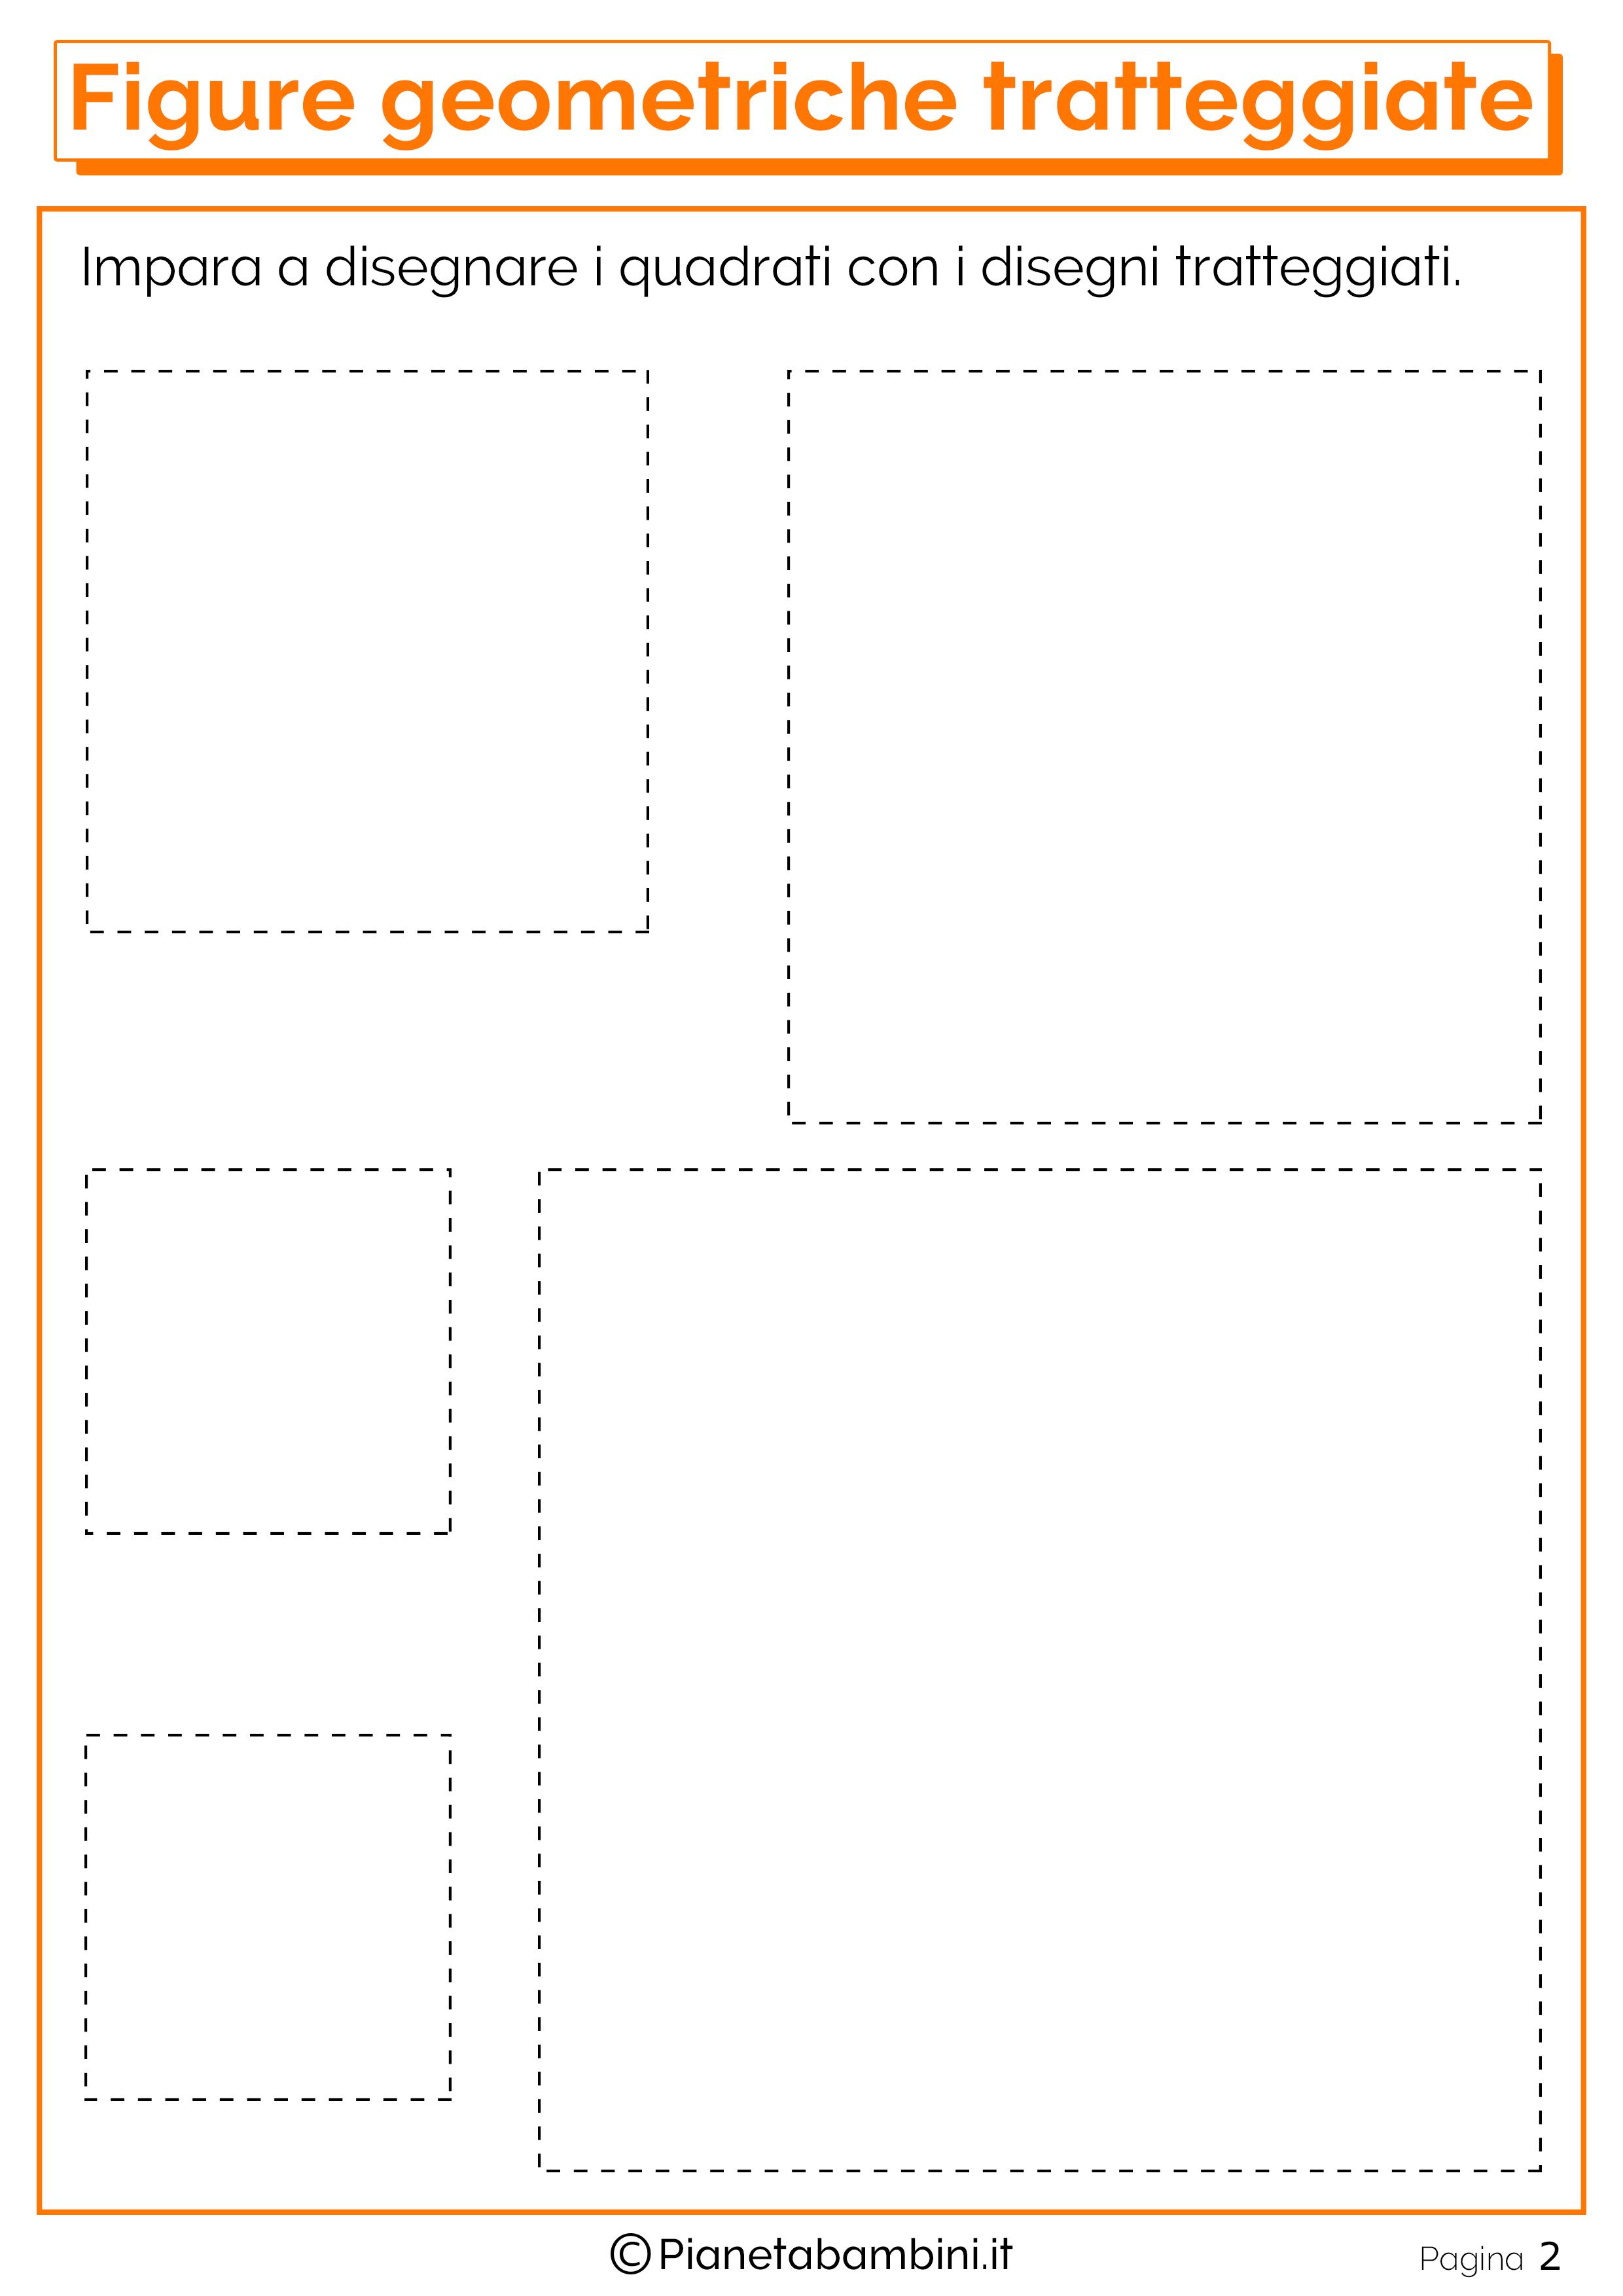 Disegni-Tratteggiati-Quadrati